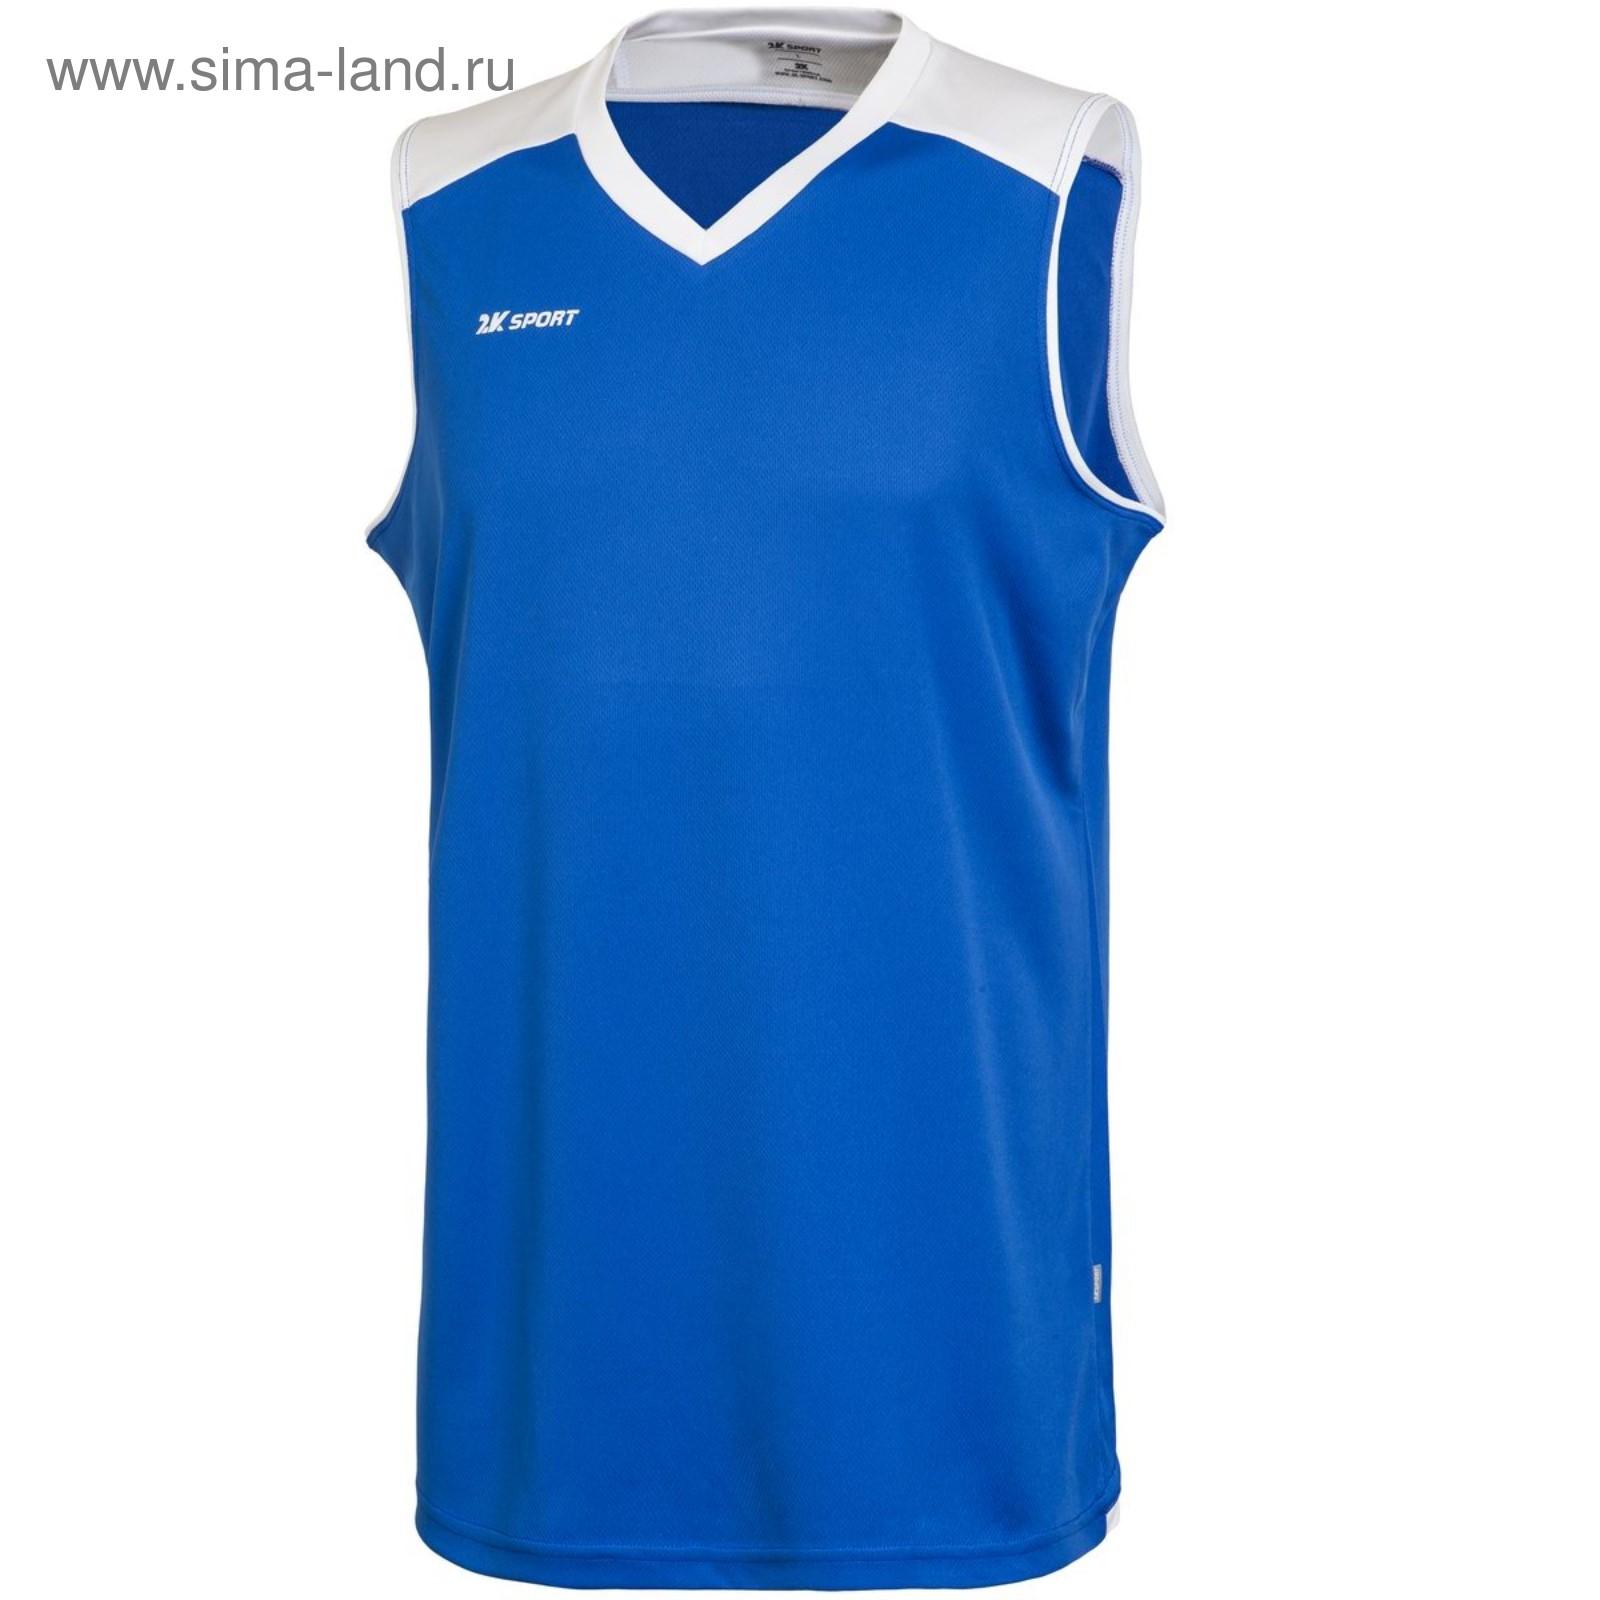 c68cf3e5 Баскетбольная игровая майка 2K Sport Rebound royal/white, M (3944207 ...